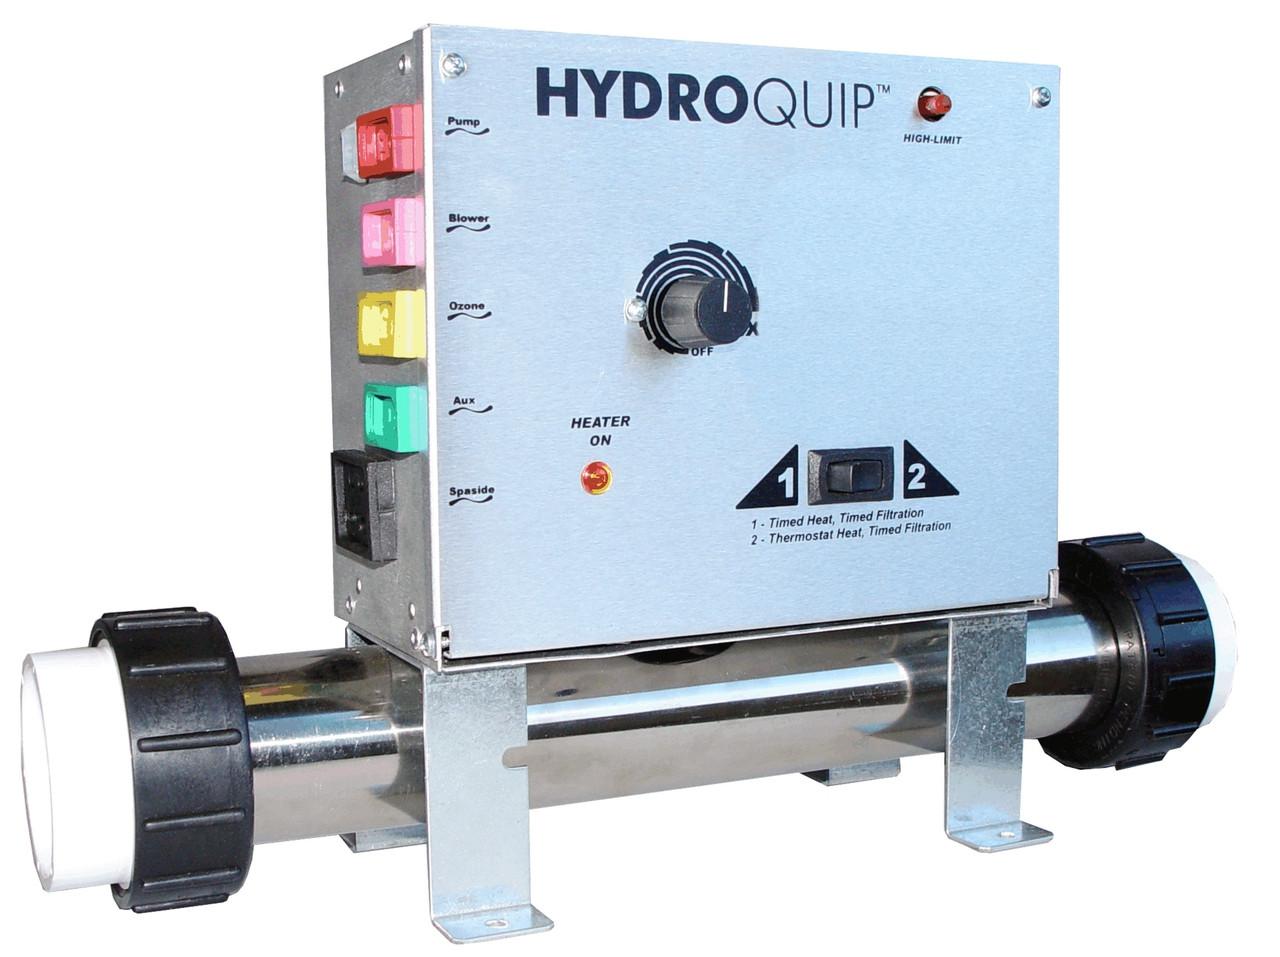 hydro quip air pneumatic control with gfci cord cs700 a 15a spa parts depot [ 1280 x 957 Pixel ]